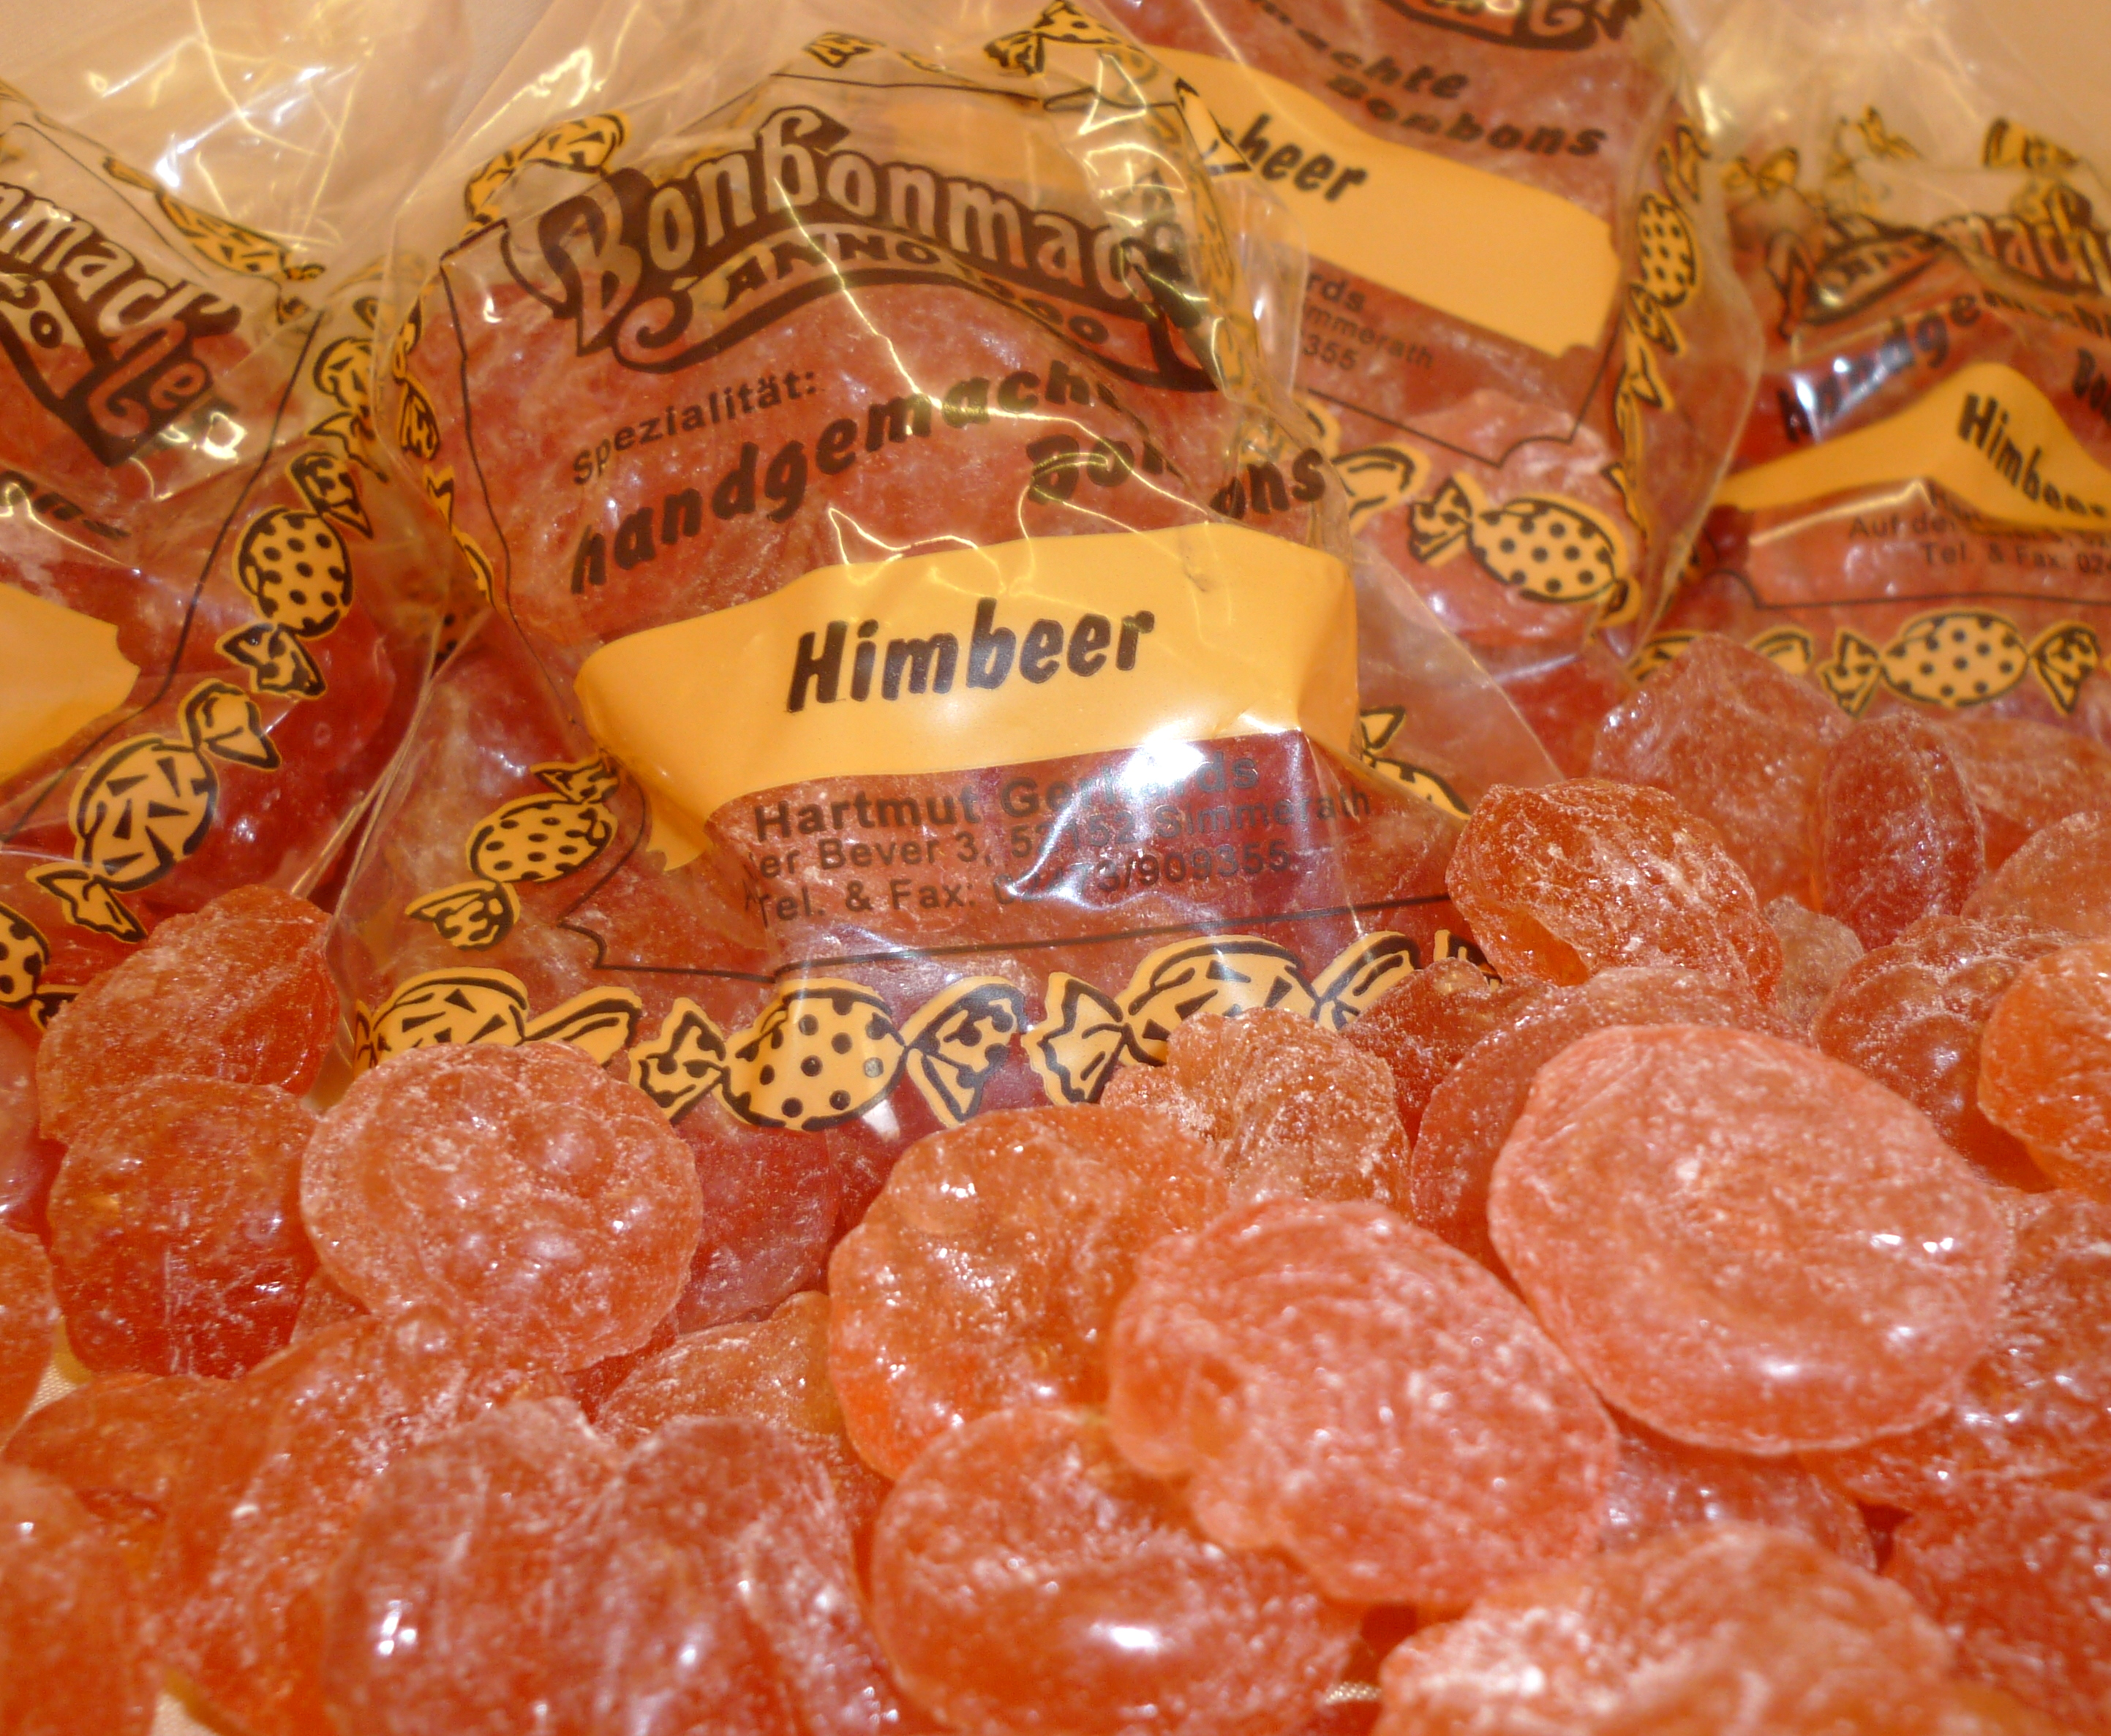 Bonbonmacher Himbeerbonbon